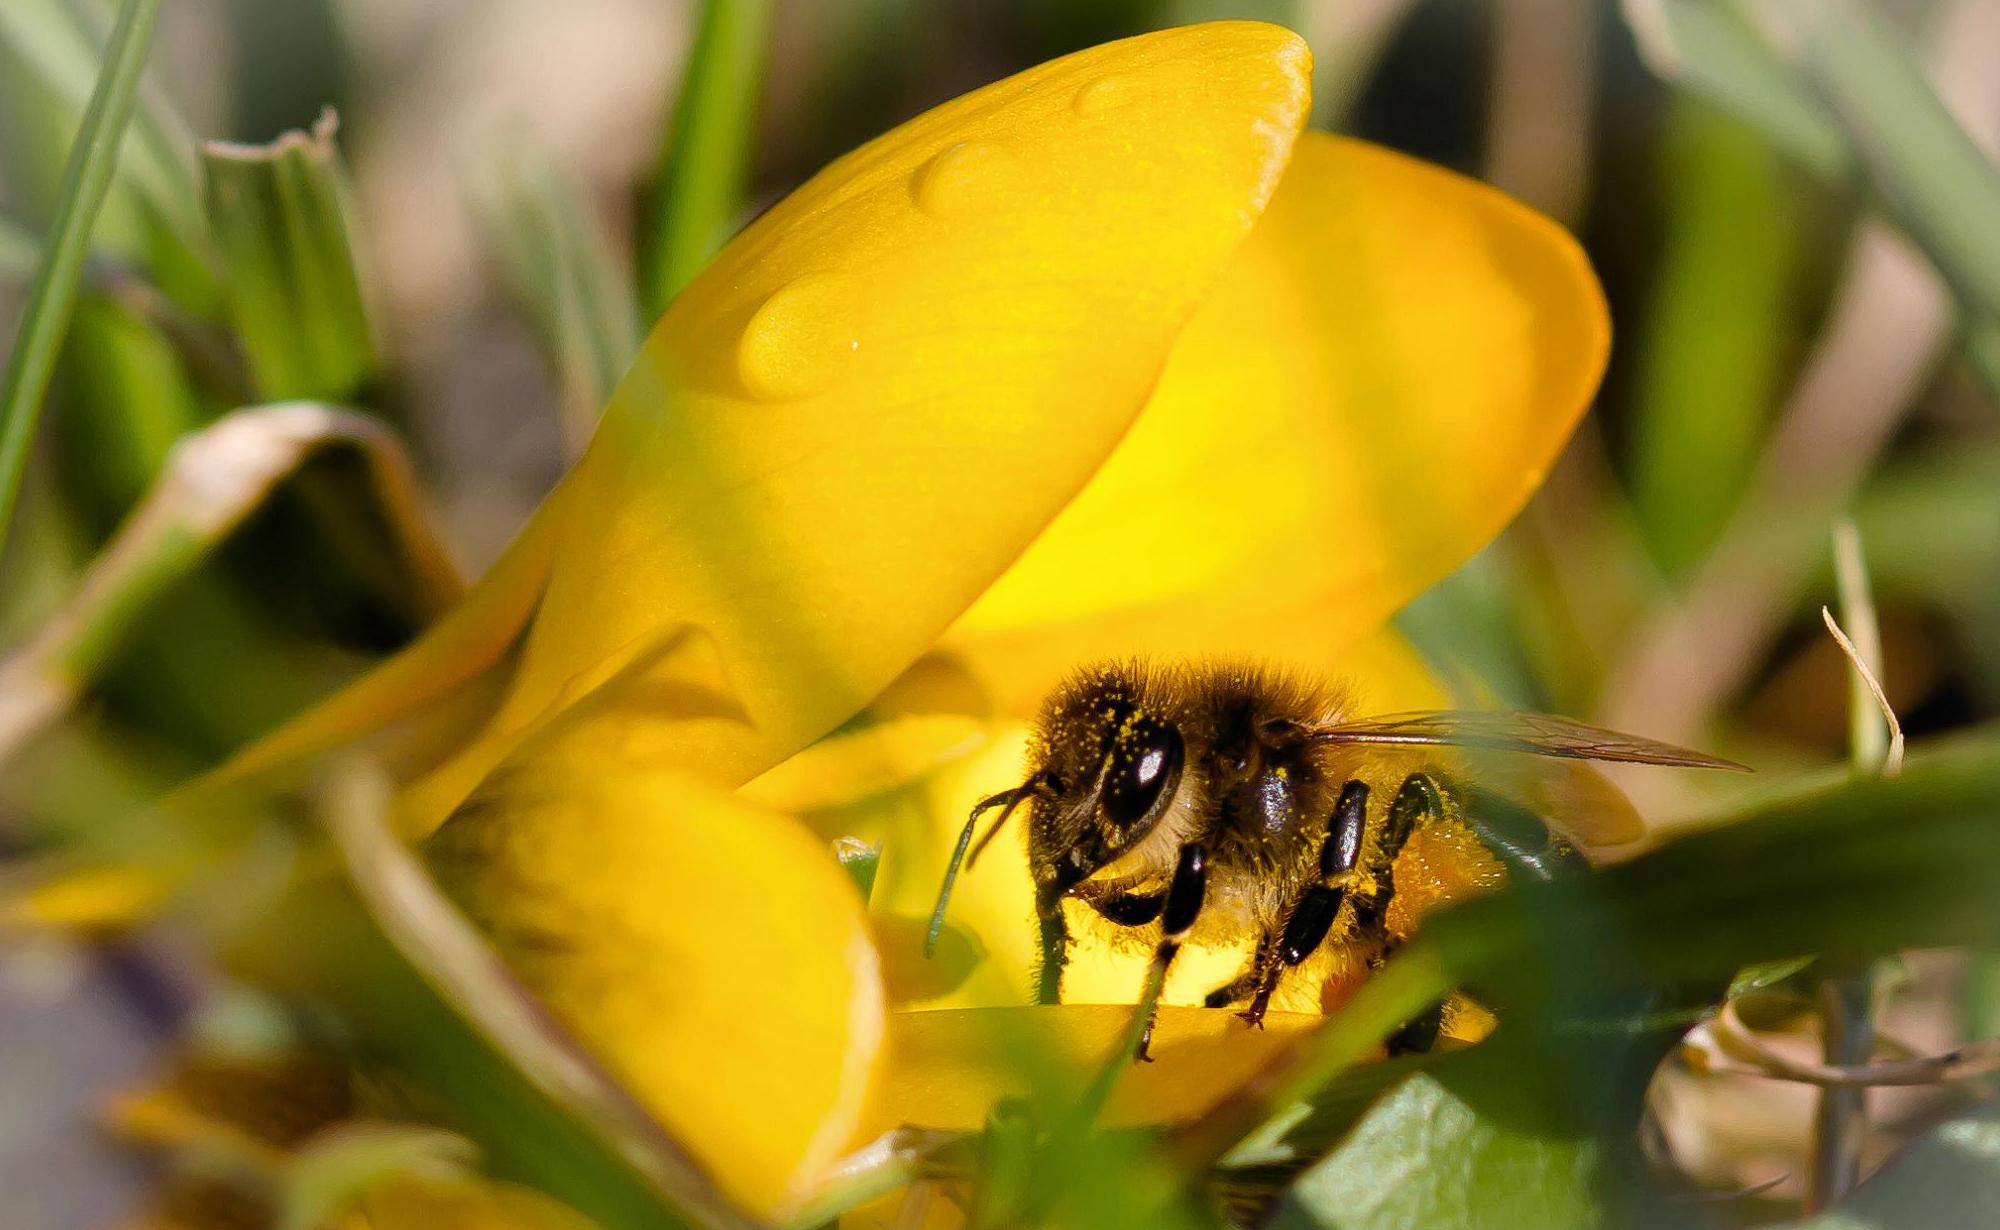 это обои и картинки пчелка элементов